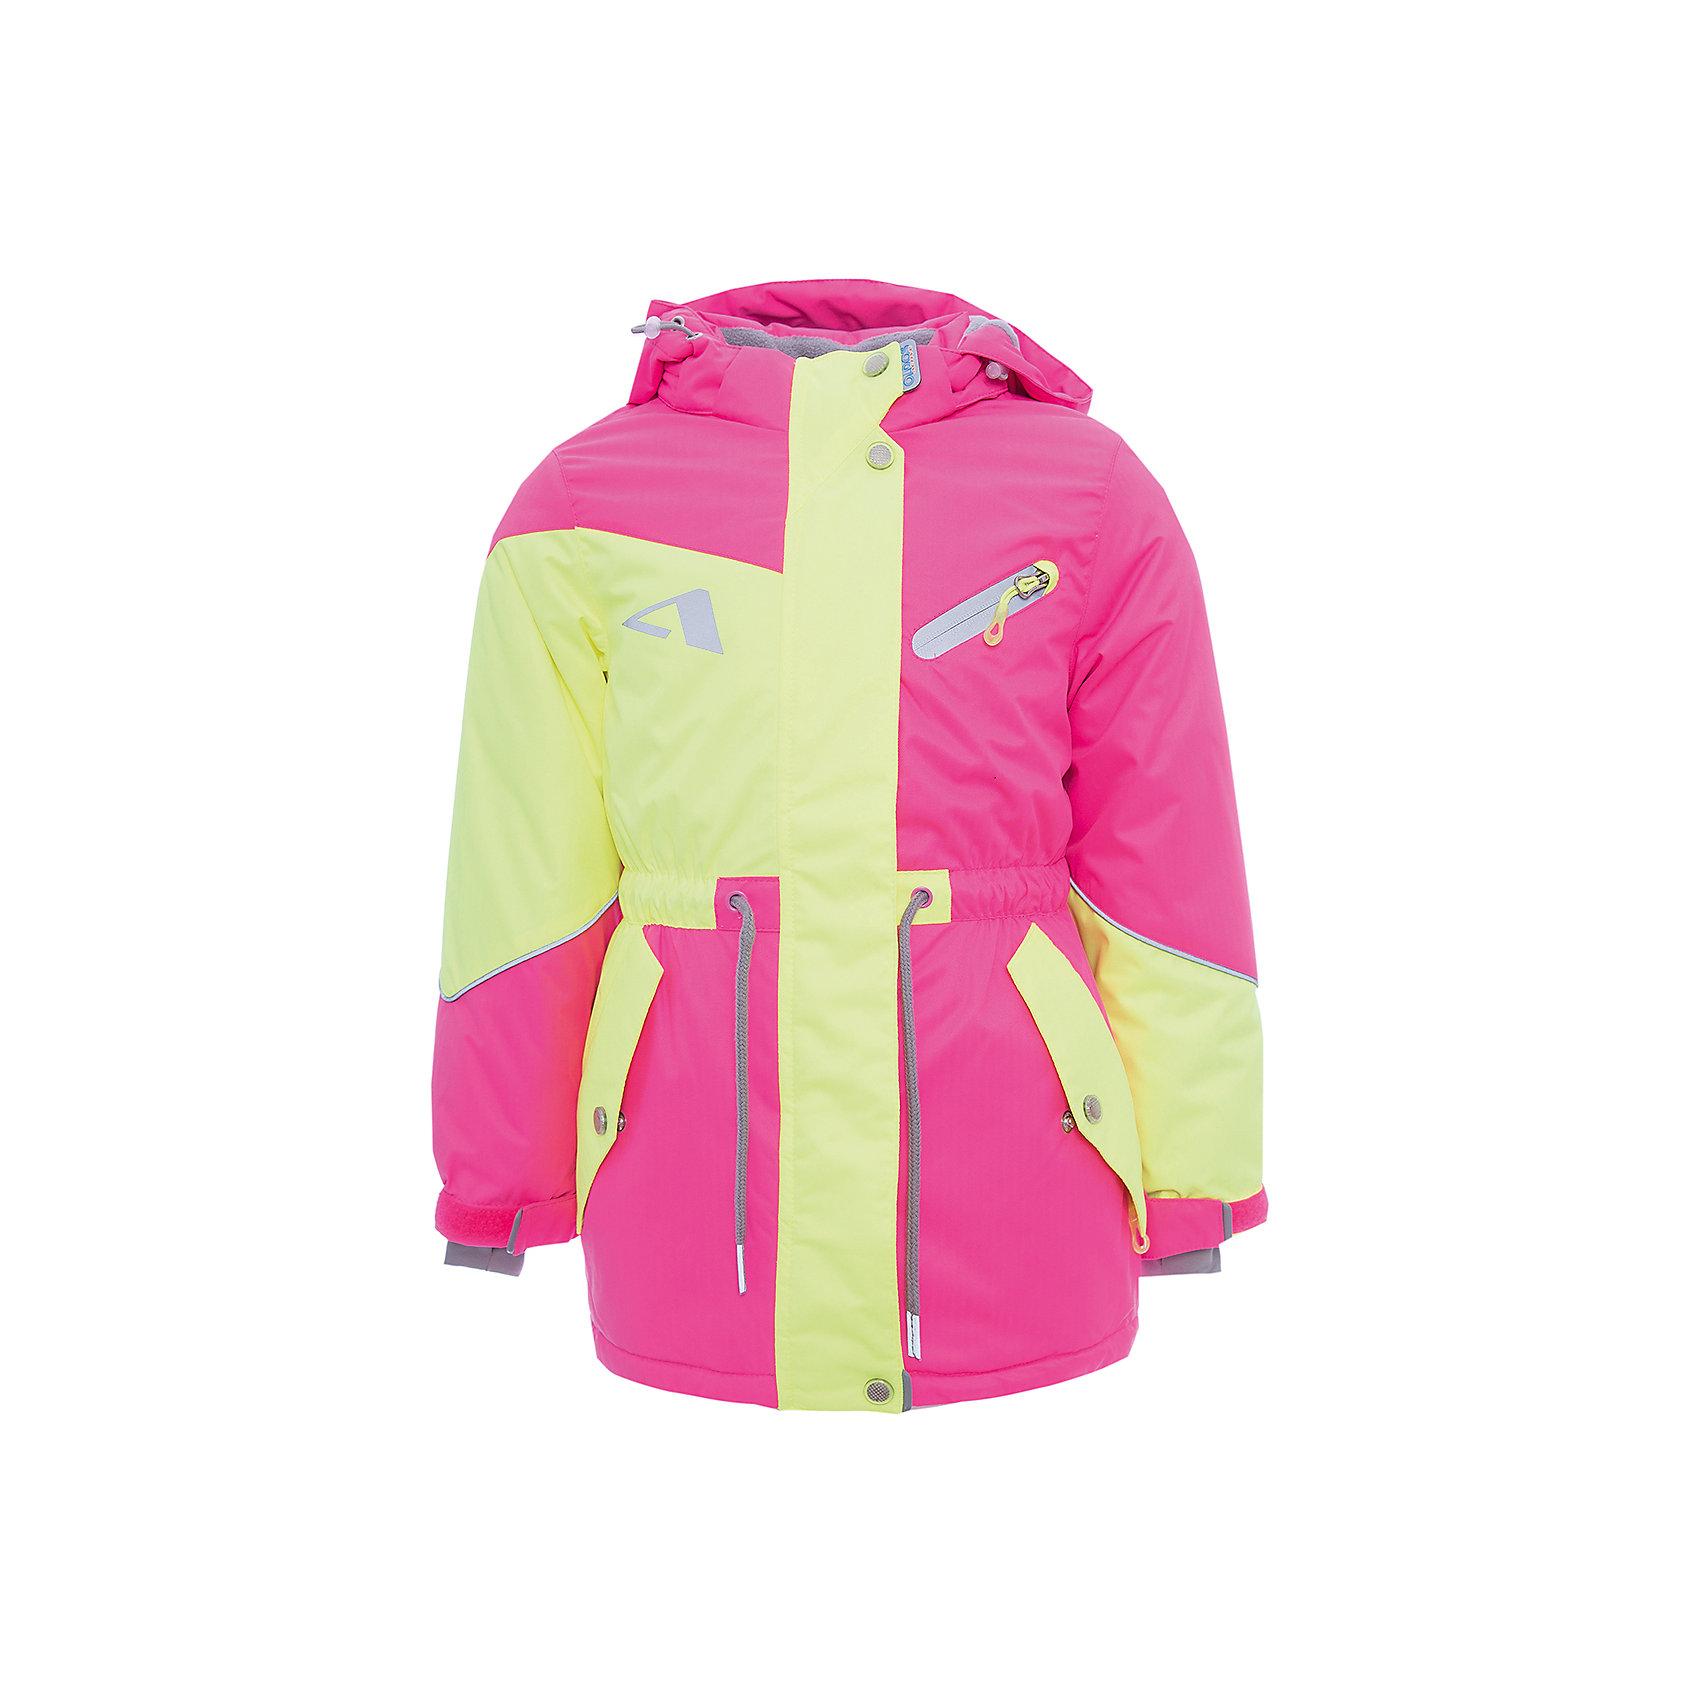 Куртка Кира OLDOS для девочкиВерхняя одежда<br>Характеристики товара:<br><br>• цвет: желтый<br>• состав ткани: полиэстер, Teflon<br>• подкладка: флис<br>• утеплитель: Hollofan pro<br>• сезон: зима<br>• мембранное покрытие<br>• температурный режим: от -30 до +5<br>• водонепроницаемость: 5000 мм <br>• паропроницаемость: 5000 г/м2<br>• плотность утеплителя: 200 г/м2<br>• застежка: молния<br>• капюшон: без меха, съемный<br>• страна бренда: Россия<br>• страна изготовитель: Россия<br><br>Эта мембранная зимняя куртка для ребенка отличается продуманным дизайном. Детская зимняя куртка создана с применением мембранной технологии. Модная куртка Oldos для девочки рассчитана даже на сильные морозы. Непромокаемый и непродуваемый верх детской куртки создает комфортный для ребенка микроклимат. <br><br>Куртку Кира Oldos (Олдос) для девочки можно купить в нашем интернет-магазине.<br><br>Ширина мм: 356<br>Глубина мм: 10<br>Высота мм: 245<br>Вес г: 519<br>Цвет: желтый<br>Возраст от месяцев: 60<br>Возраст до месяцев: 72<br>Пол: Женский<br>Возраст: Детский<br>Размер: 116,98,104,110<br>SKU: 7015609